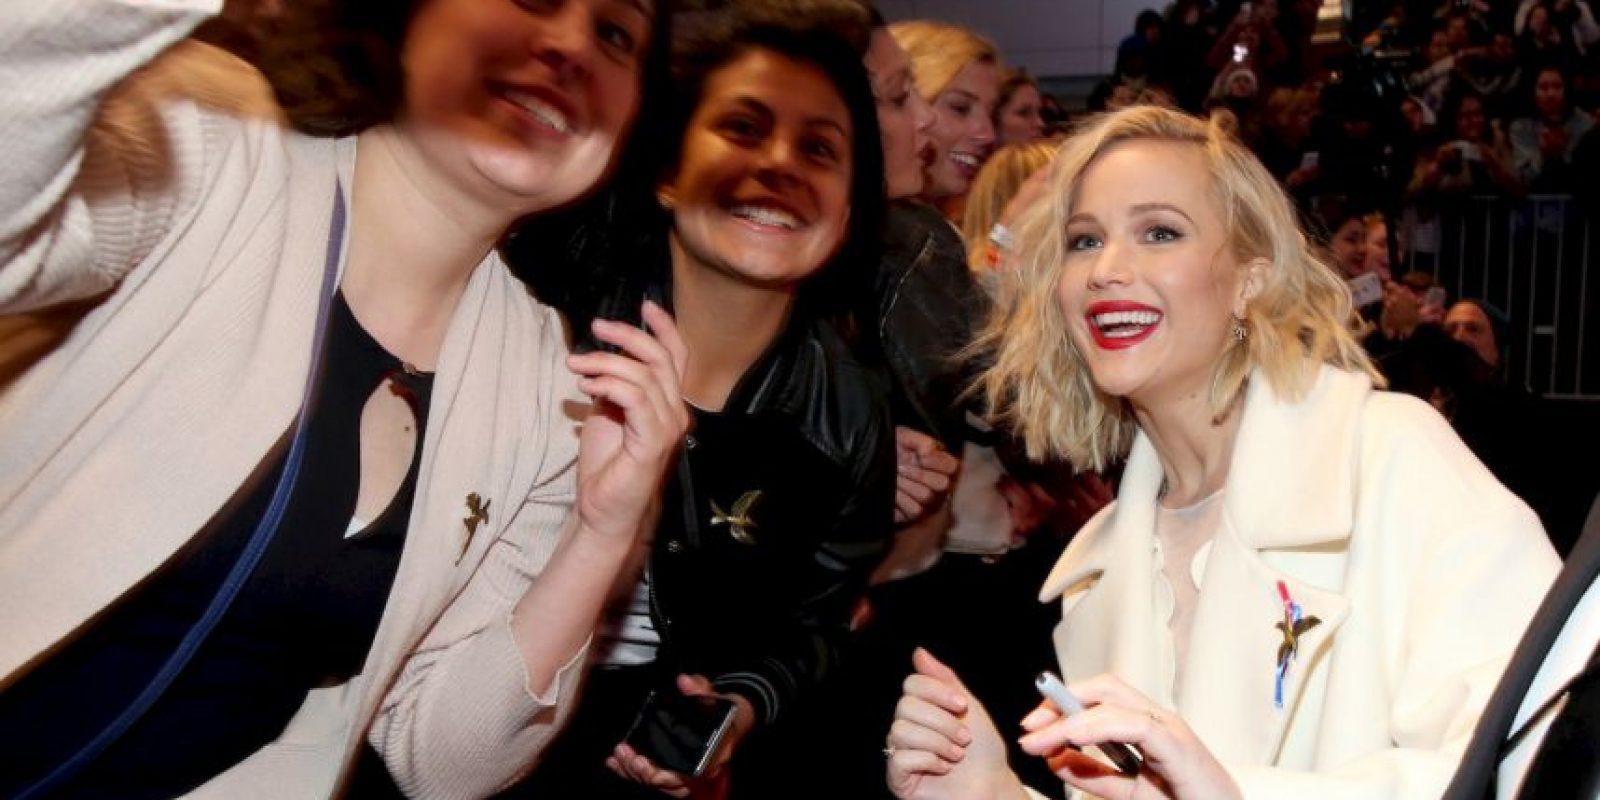 """Jennifer Lawrence deslumbró con su outfit durante la alfombra roja de """"Los Juegos del Hambre"""" en Los Ángeles. Foto:Getty Images"""